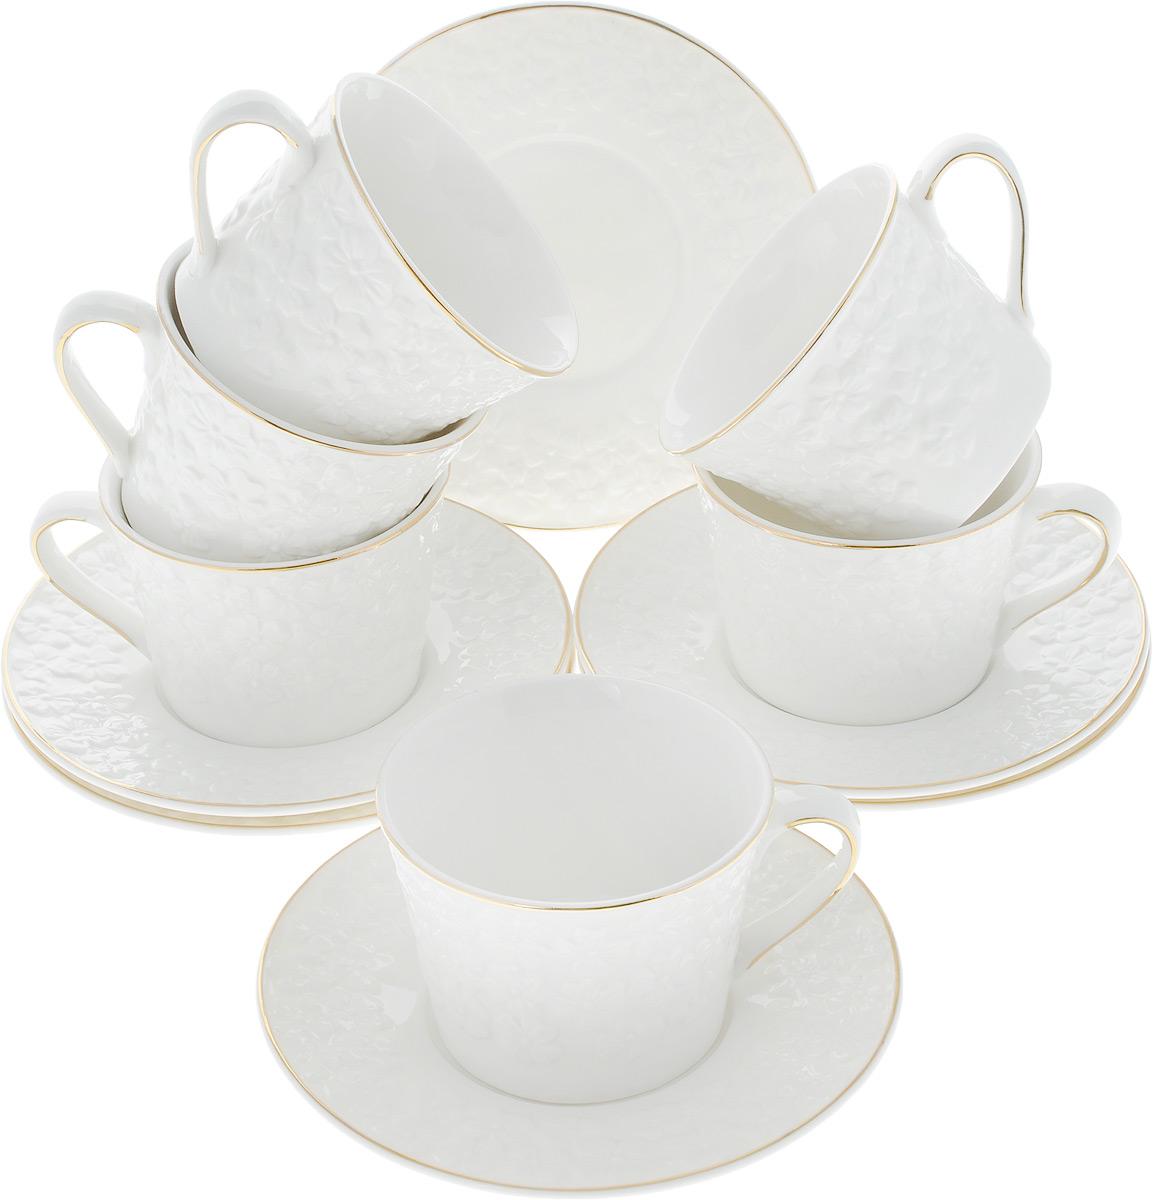 Набор чайный Elan Gallery Белоснежные цветы, 12 предметов21395599Чайный набор Elan Gallery Белоснежные цветы состоит из 6 чашек, 6 блюдец, изготовленных из высококачественного фарфора. Предметы набора декорированы изображением цветов.Чайный набор Elan Gallery Белоснежные цветы украсит ваш кухонный стол, а также станет замечательным подарком друзьям и близким.Изделие упаковано в подарочную коробку с атласной подложкой. Не рекомендуется применять абразивные моющие средства. Не использовать в микроволновой печи.Объем чашки: 210 мл.